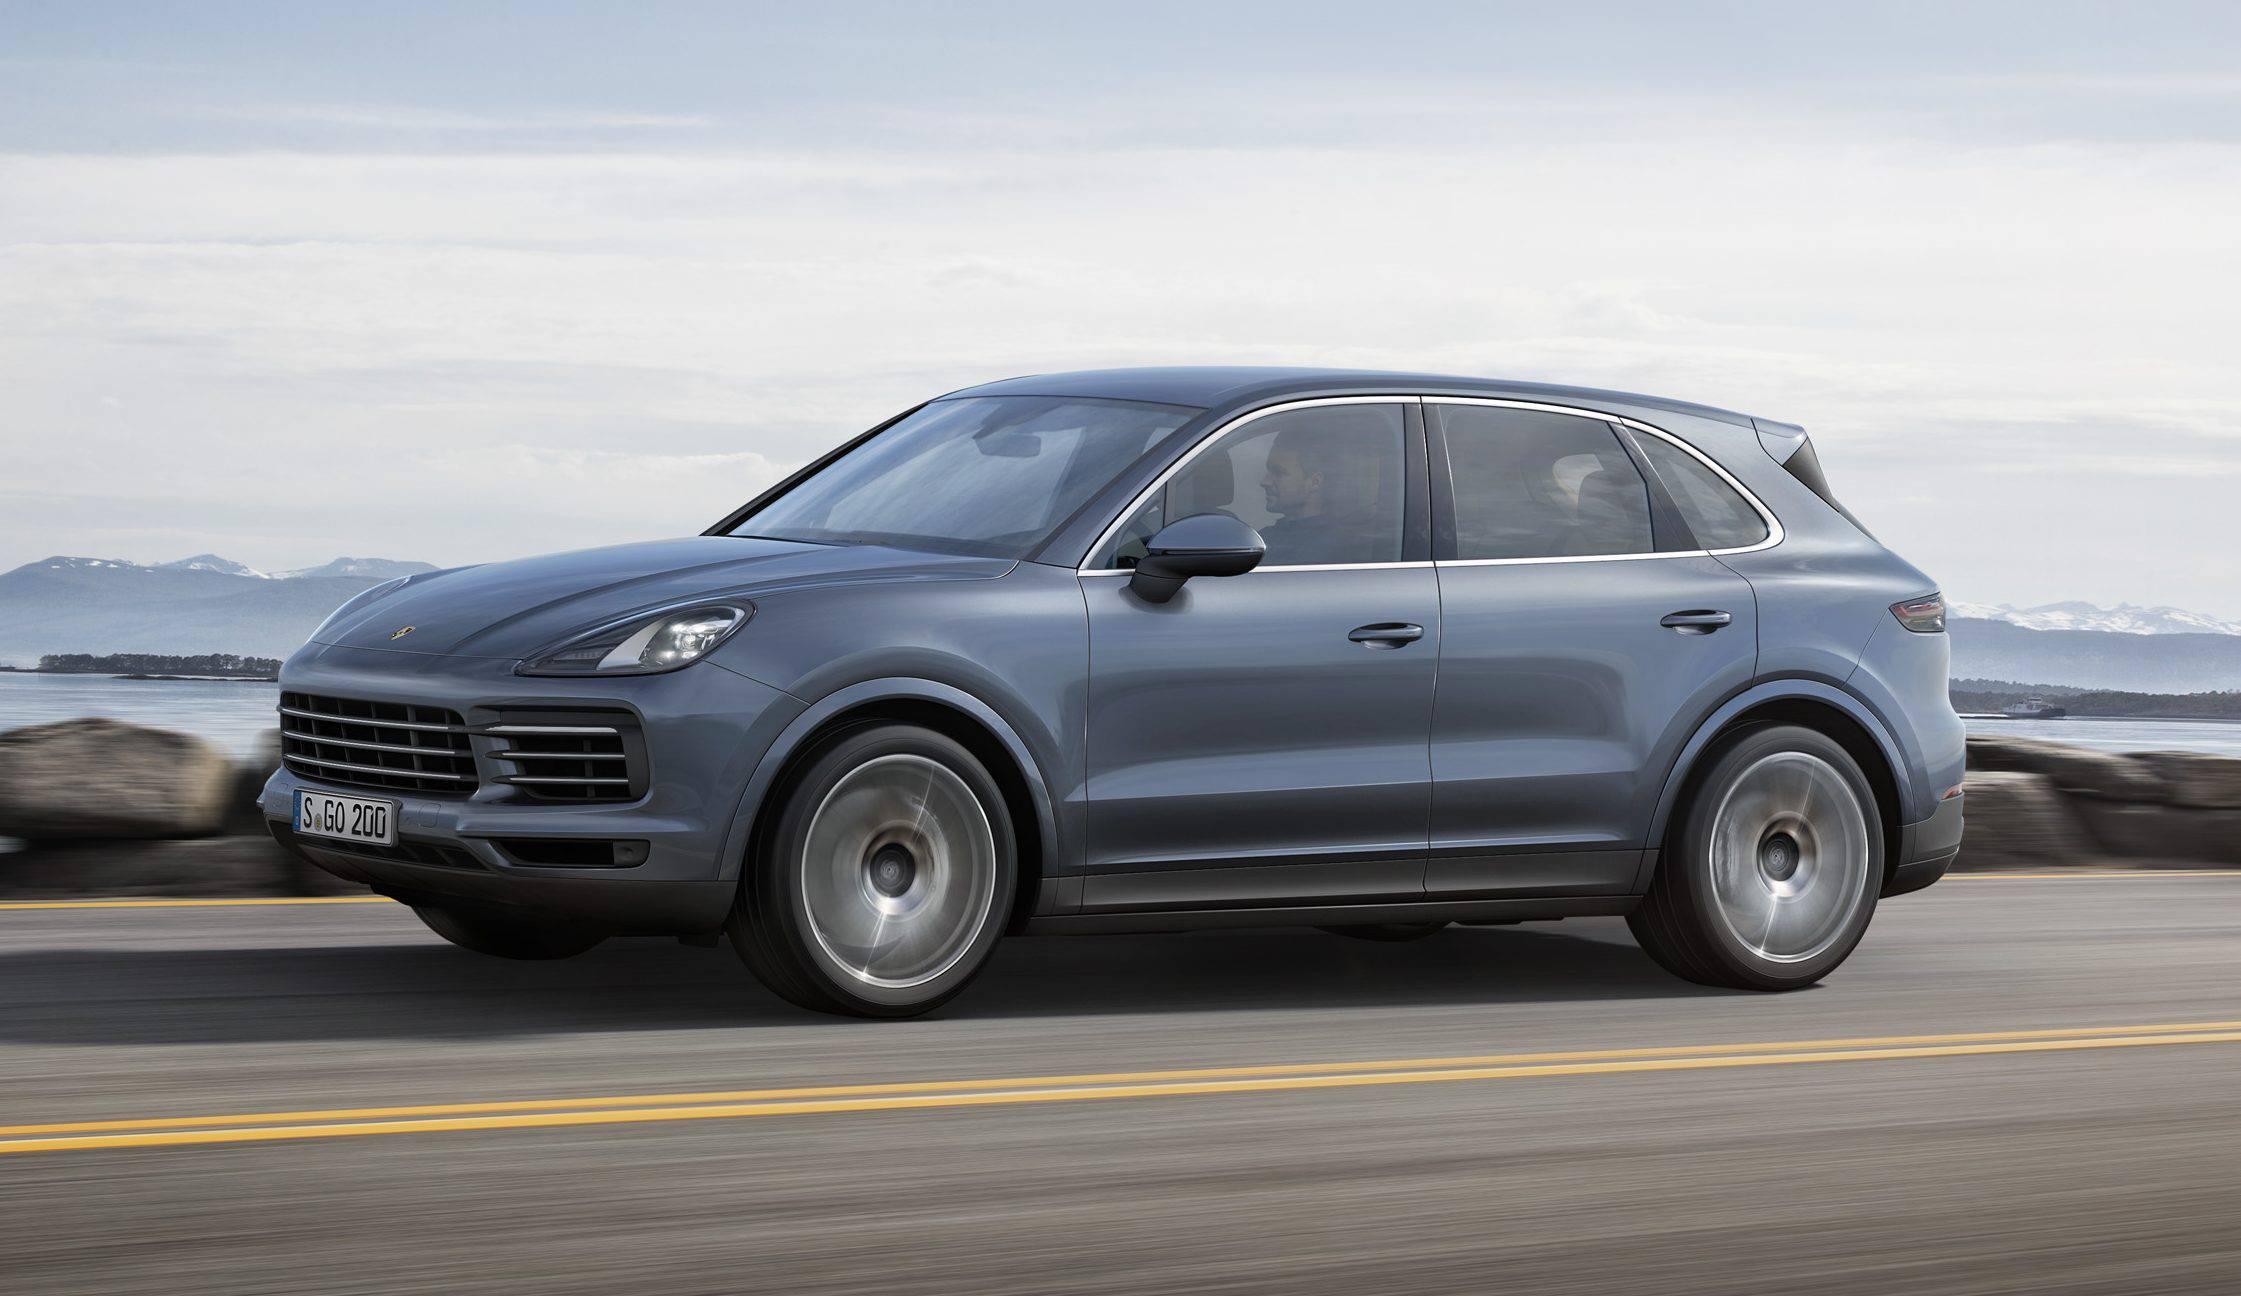 Porsche-Cayenne-un